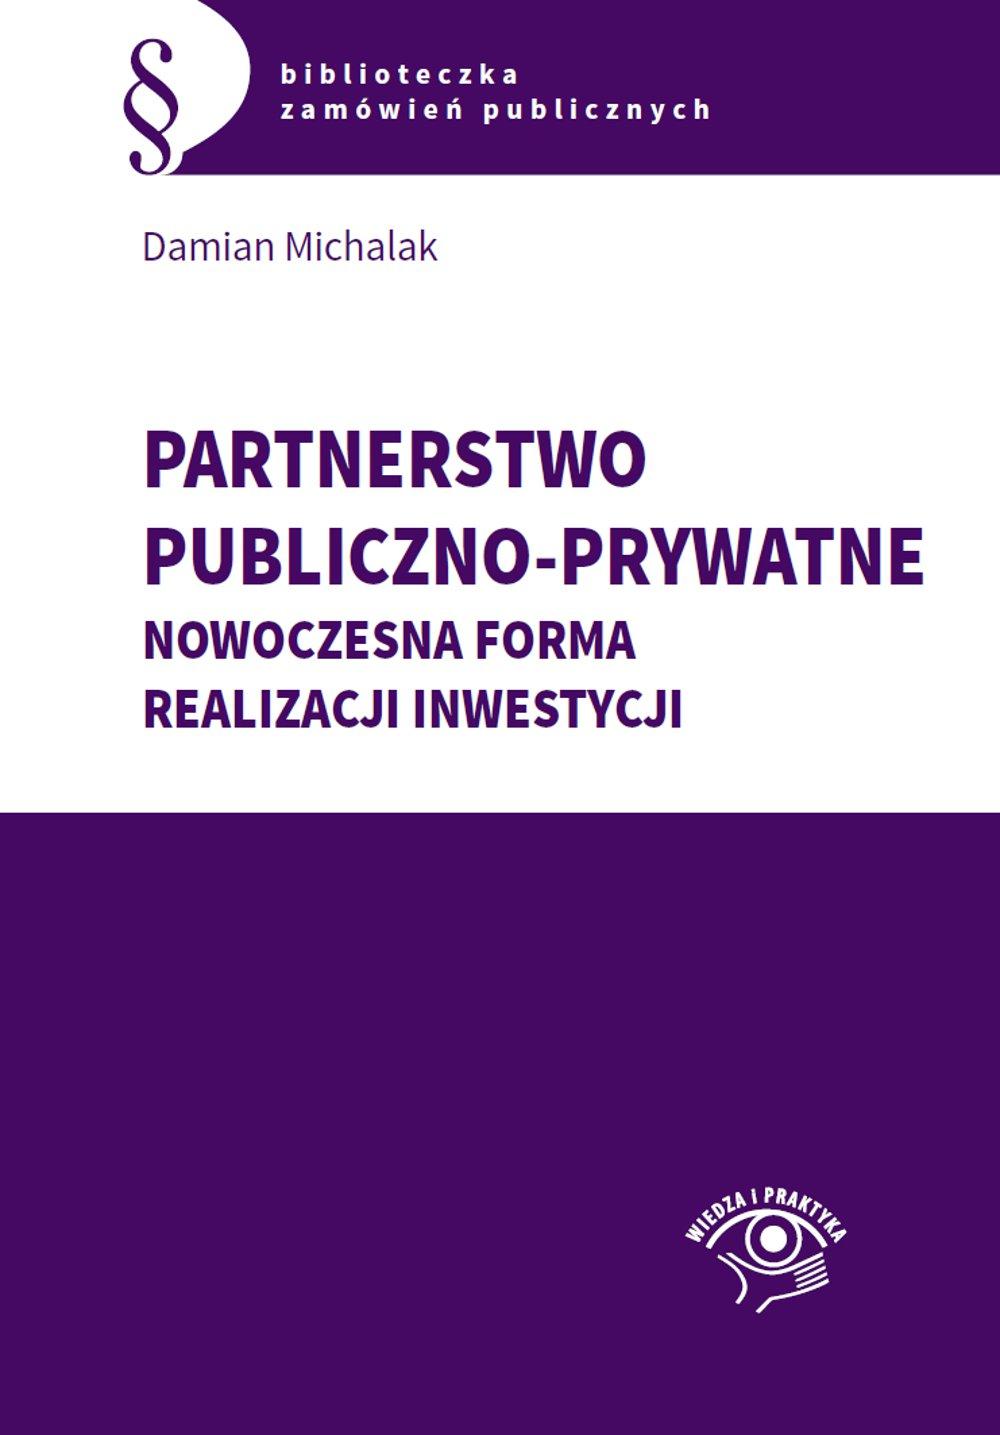 Partnerstwo publiczno-prywatne. Nowoczesna forma realizacji inwestycji - Ebook (Książka EPUB) do pobrania w formacie EPUB